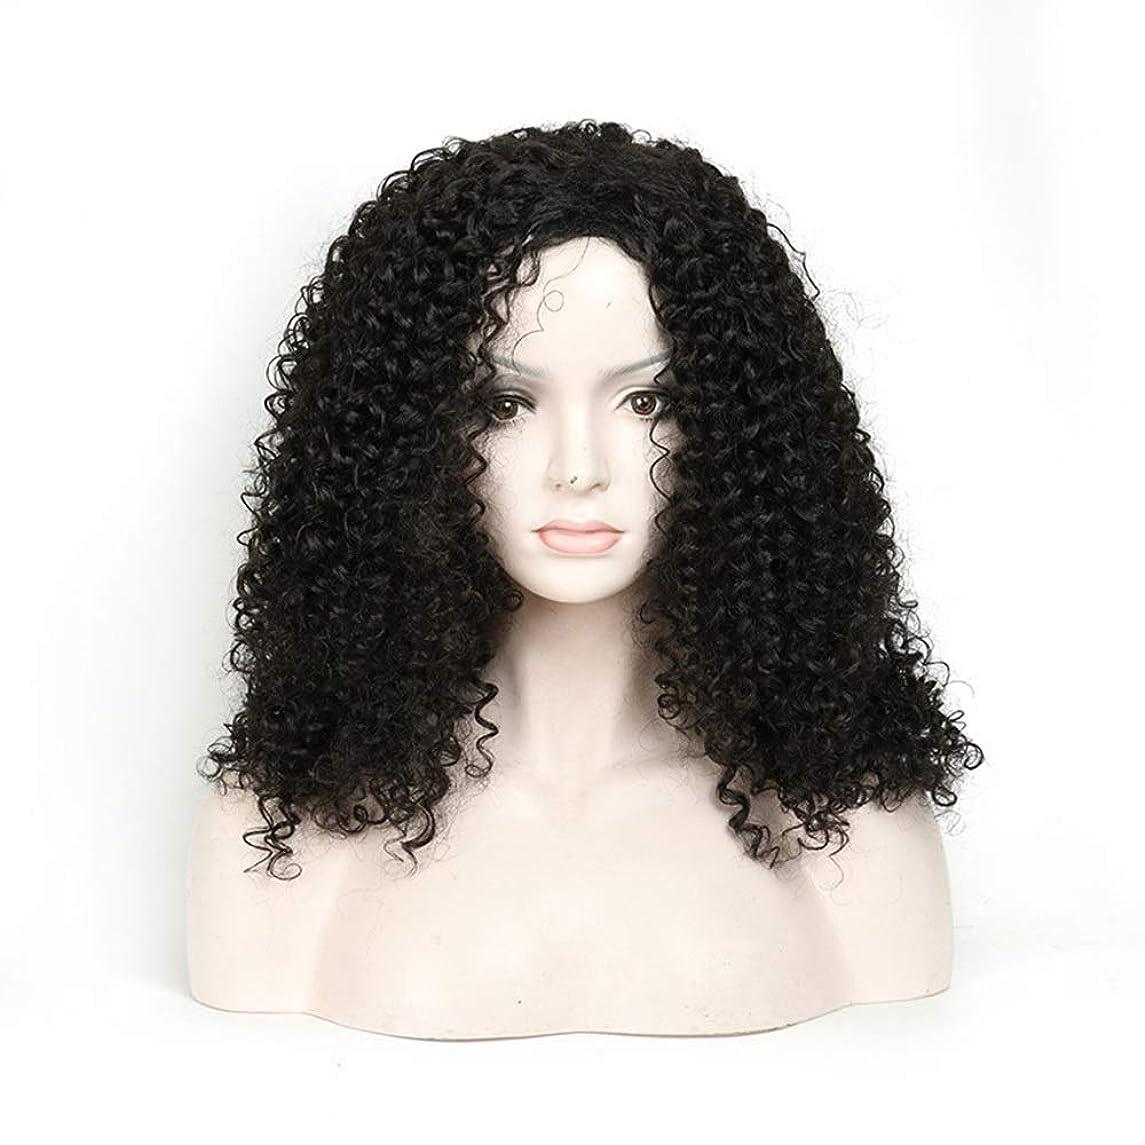 デッドロックくるくるゲートMayalina 人工毛アフリカブラックロングカーリーウィッグ18インチ女性用デイリードレスパーティーウィッグ (色 : 黒)